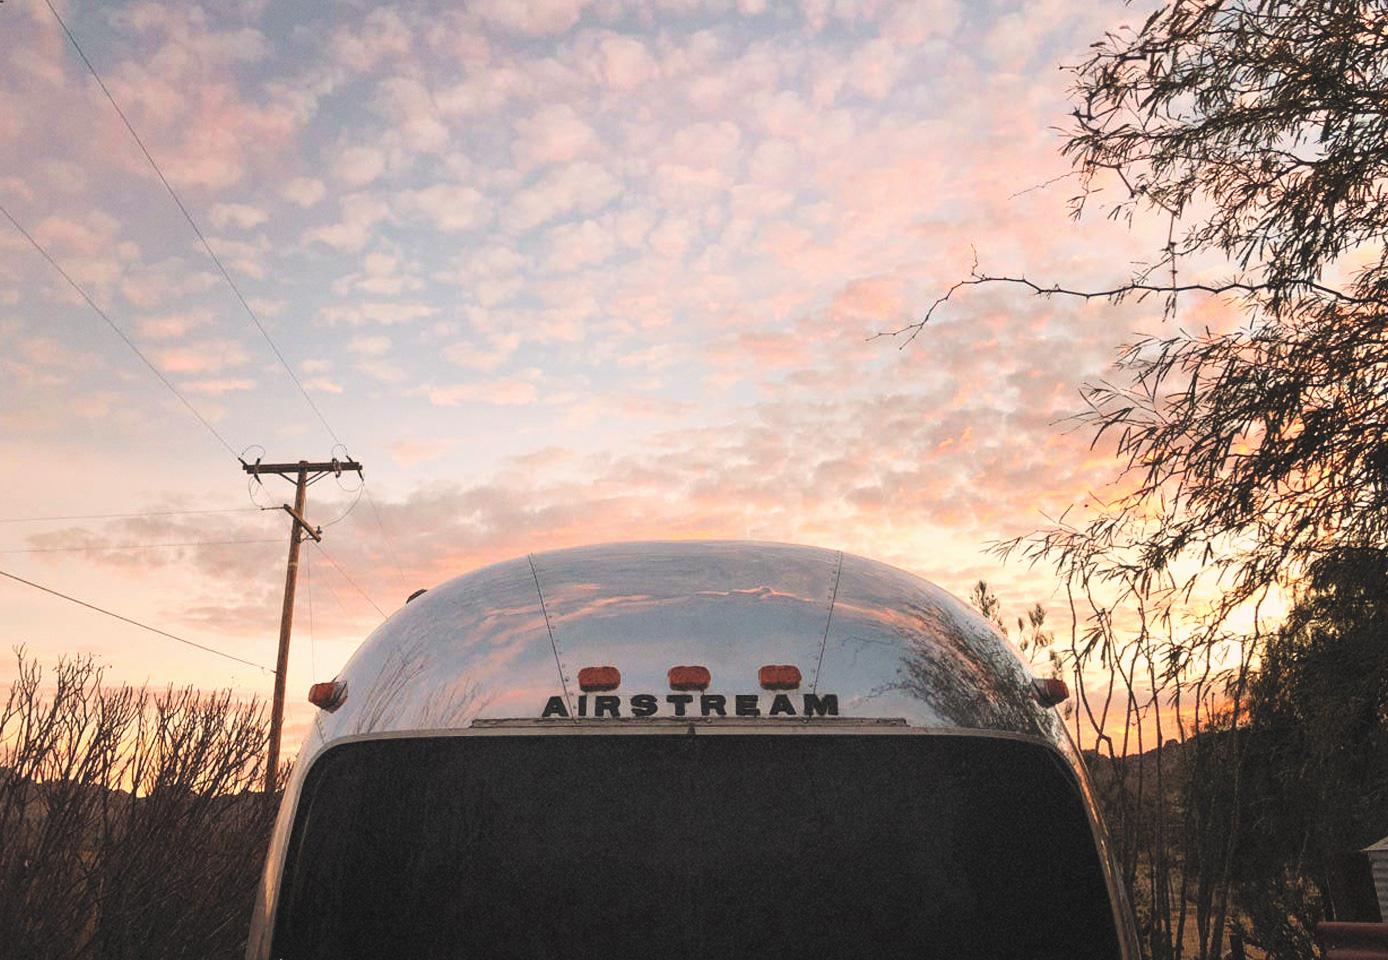 Airstream trailer exterior